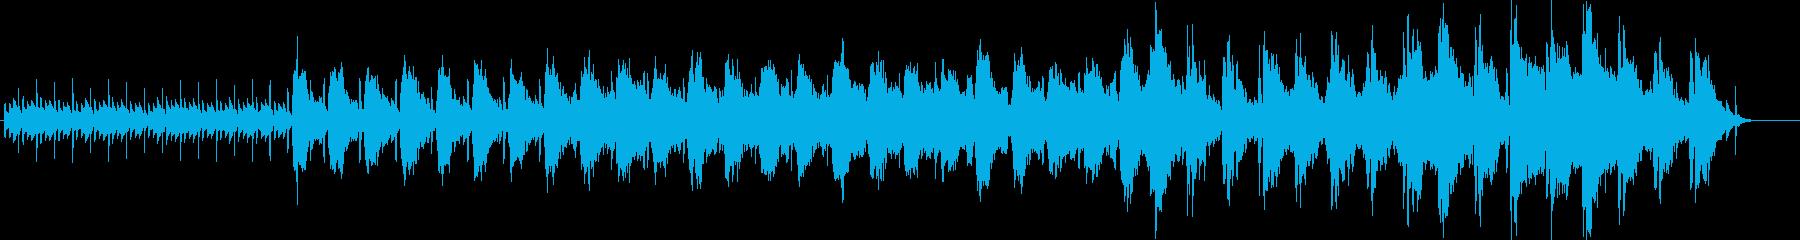 夜明けをイメージしたピアノストリングス曲の再生済みの波形